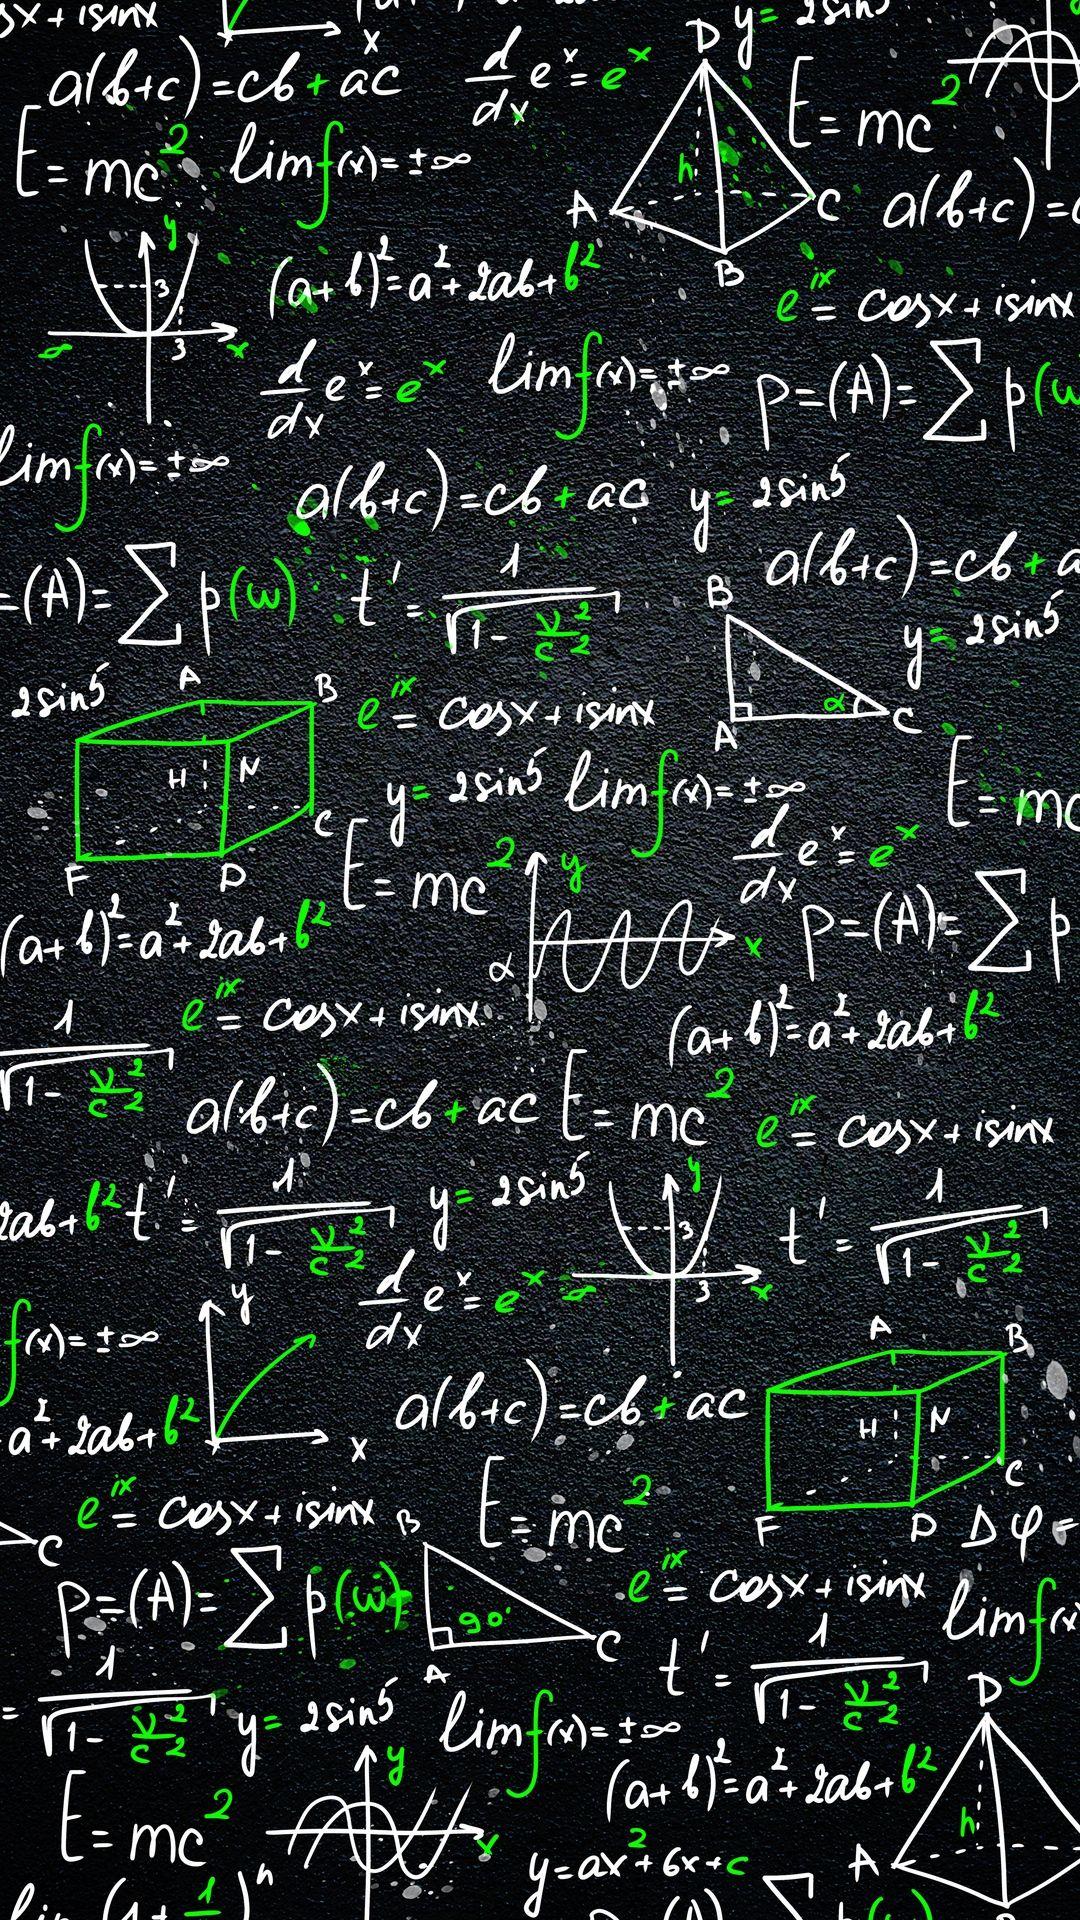 Muchatseble Fisika Buku Catatan Matematika Rumus Kimia